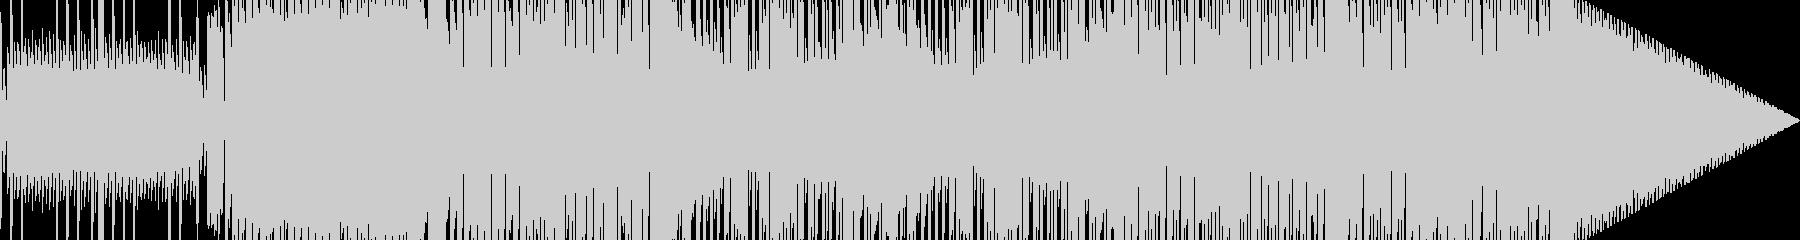 番組EDなどに 寂しいチップチューン01の未再生の波形